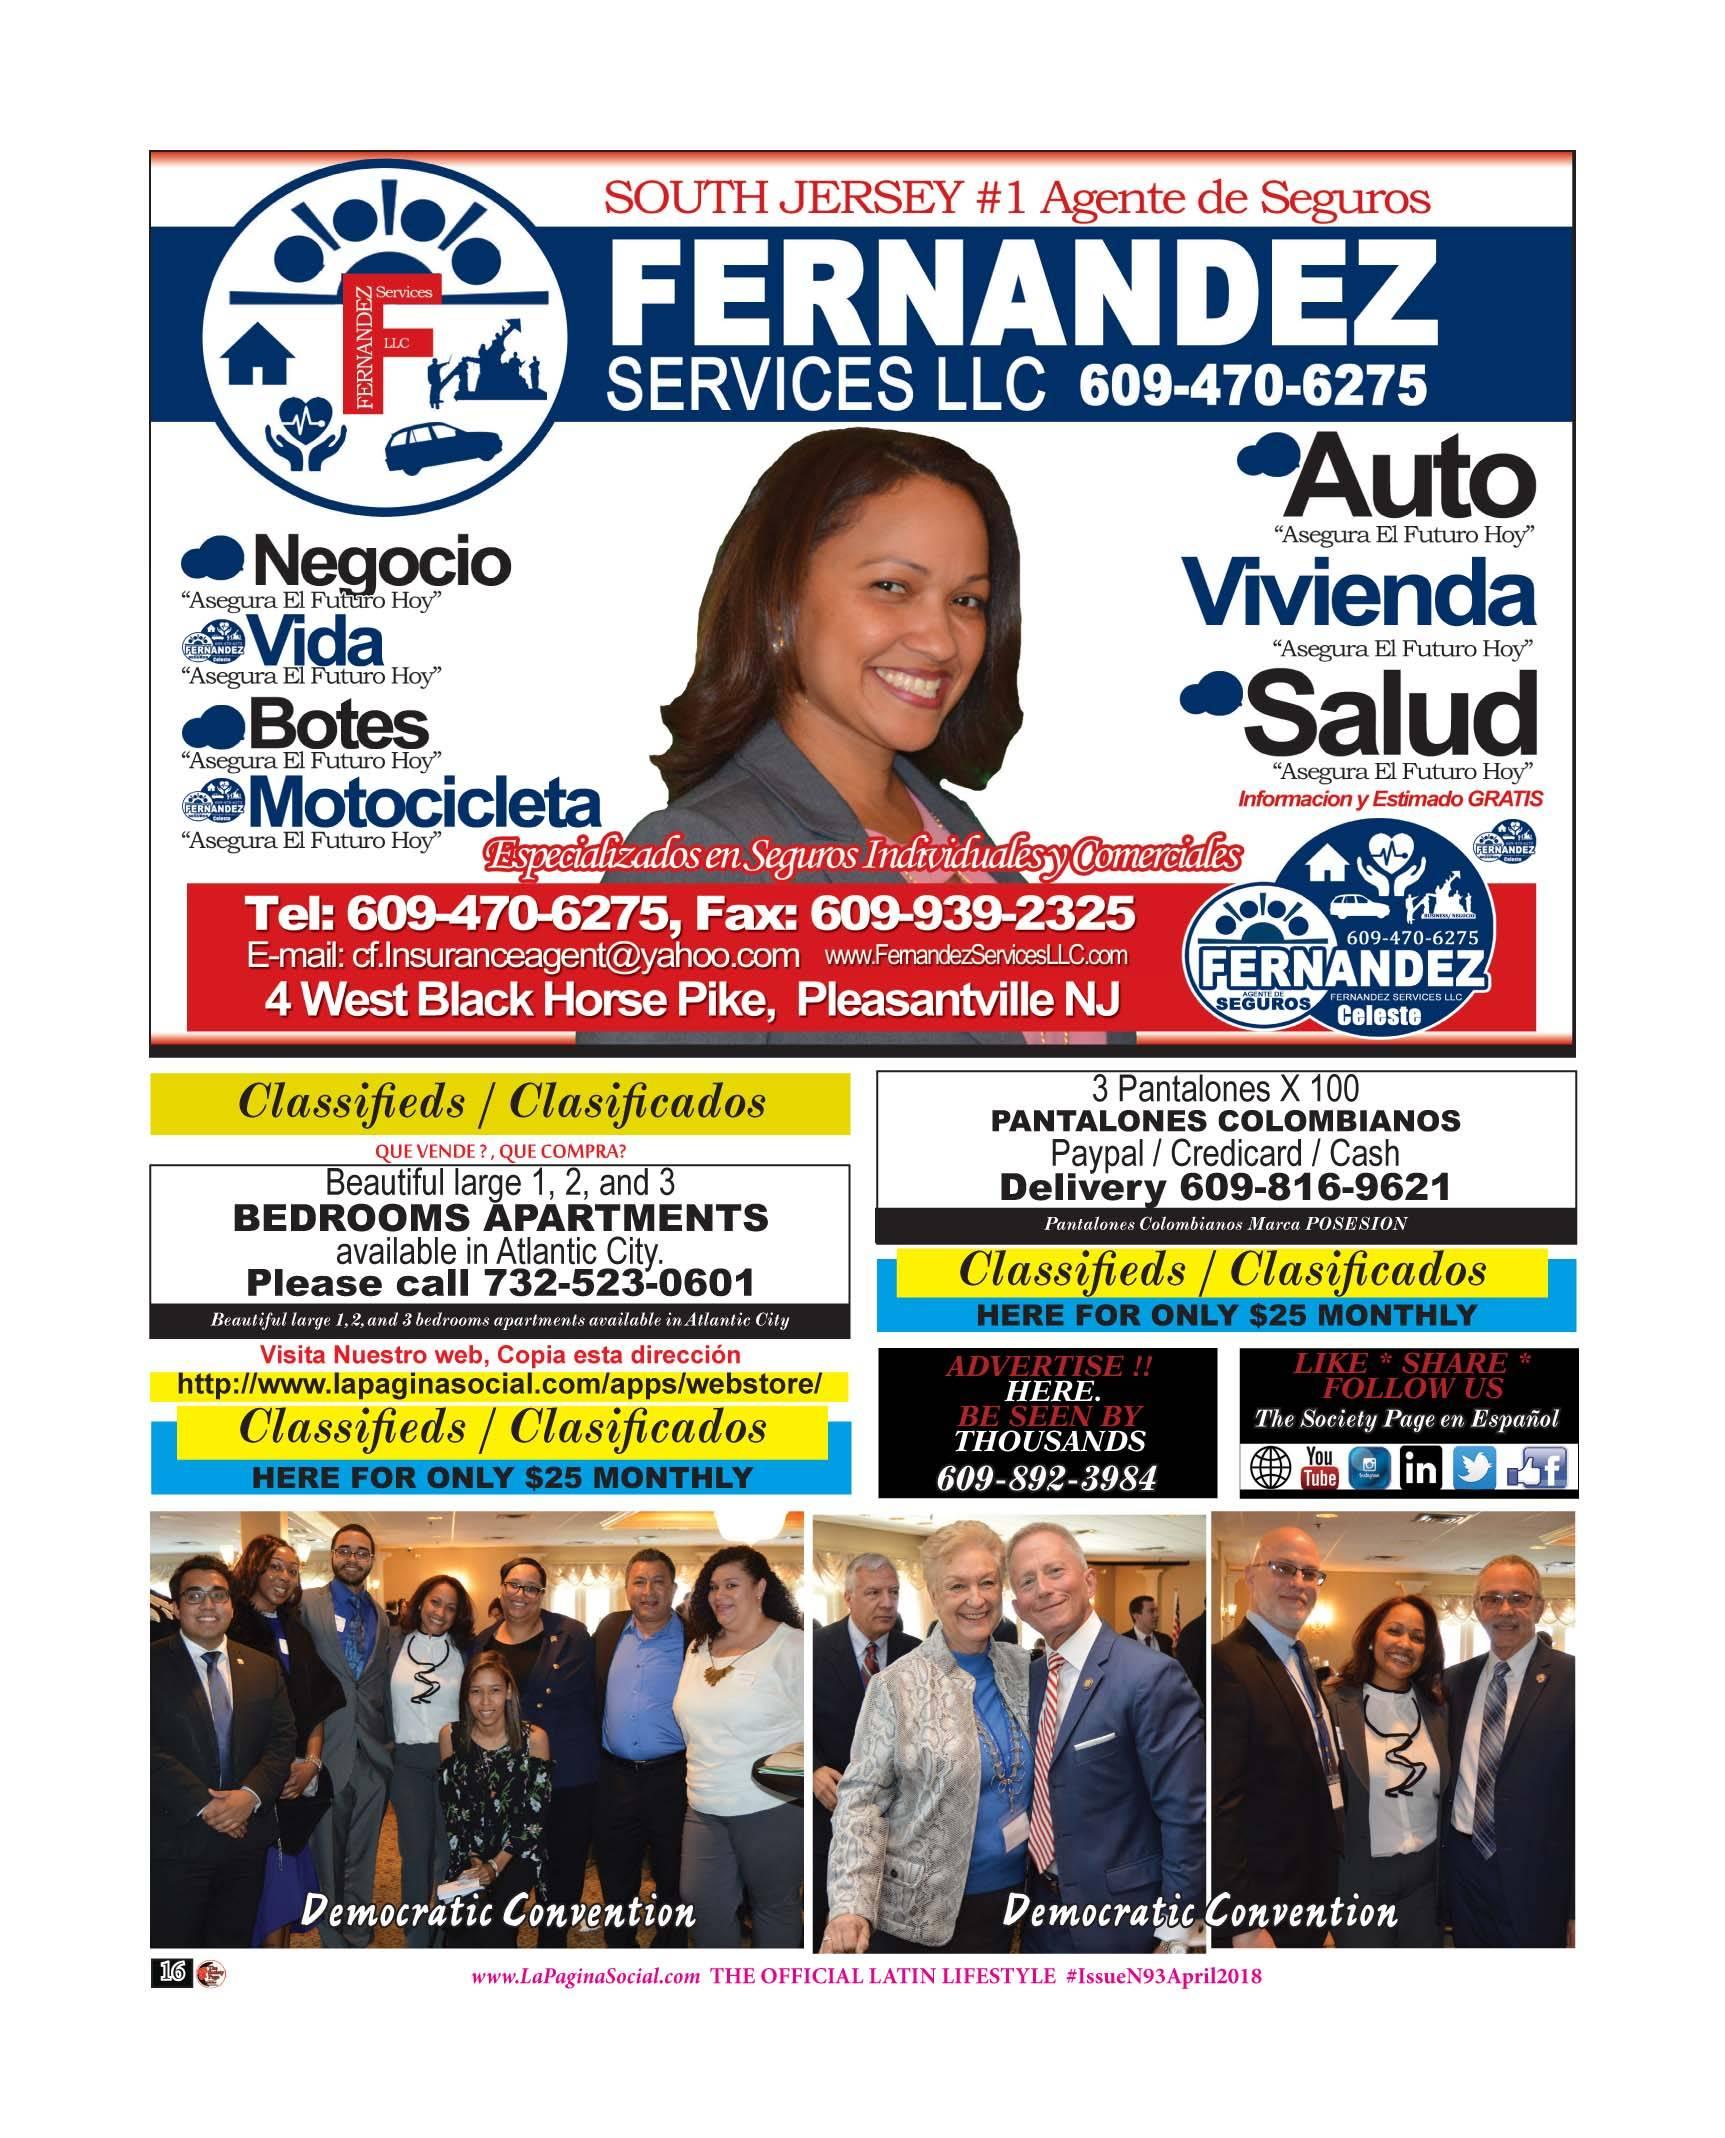 Celeste Fernandez, Classifieds